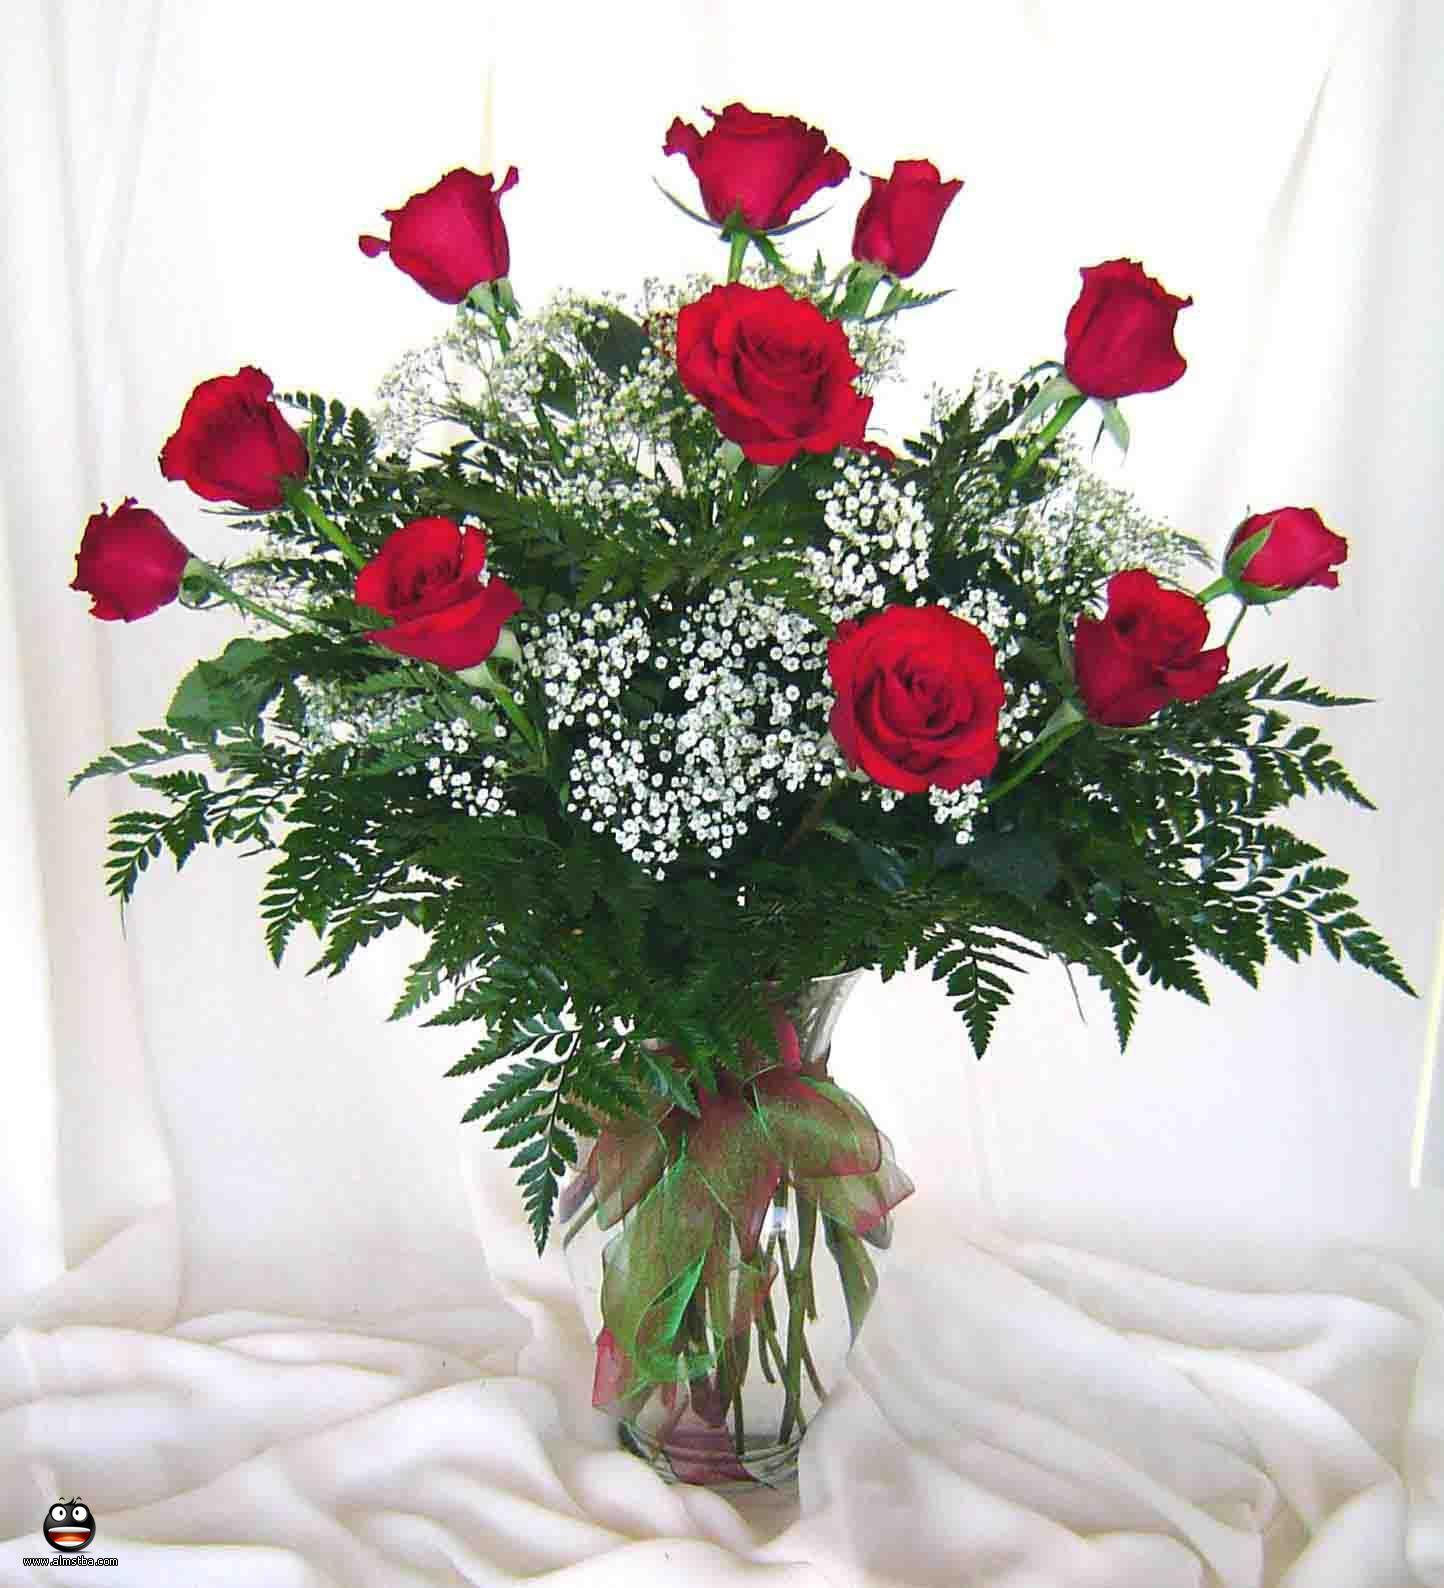 بالصور ورود جميلة , اجمل الورود و الذهور الرائعه 765 9